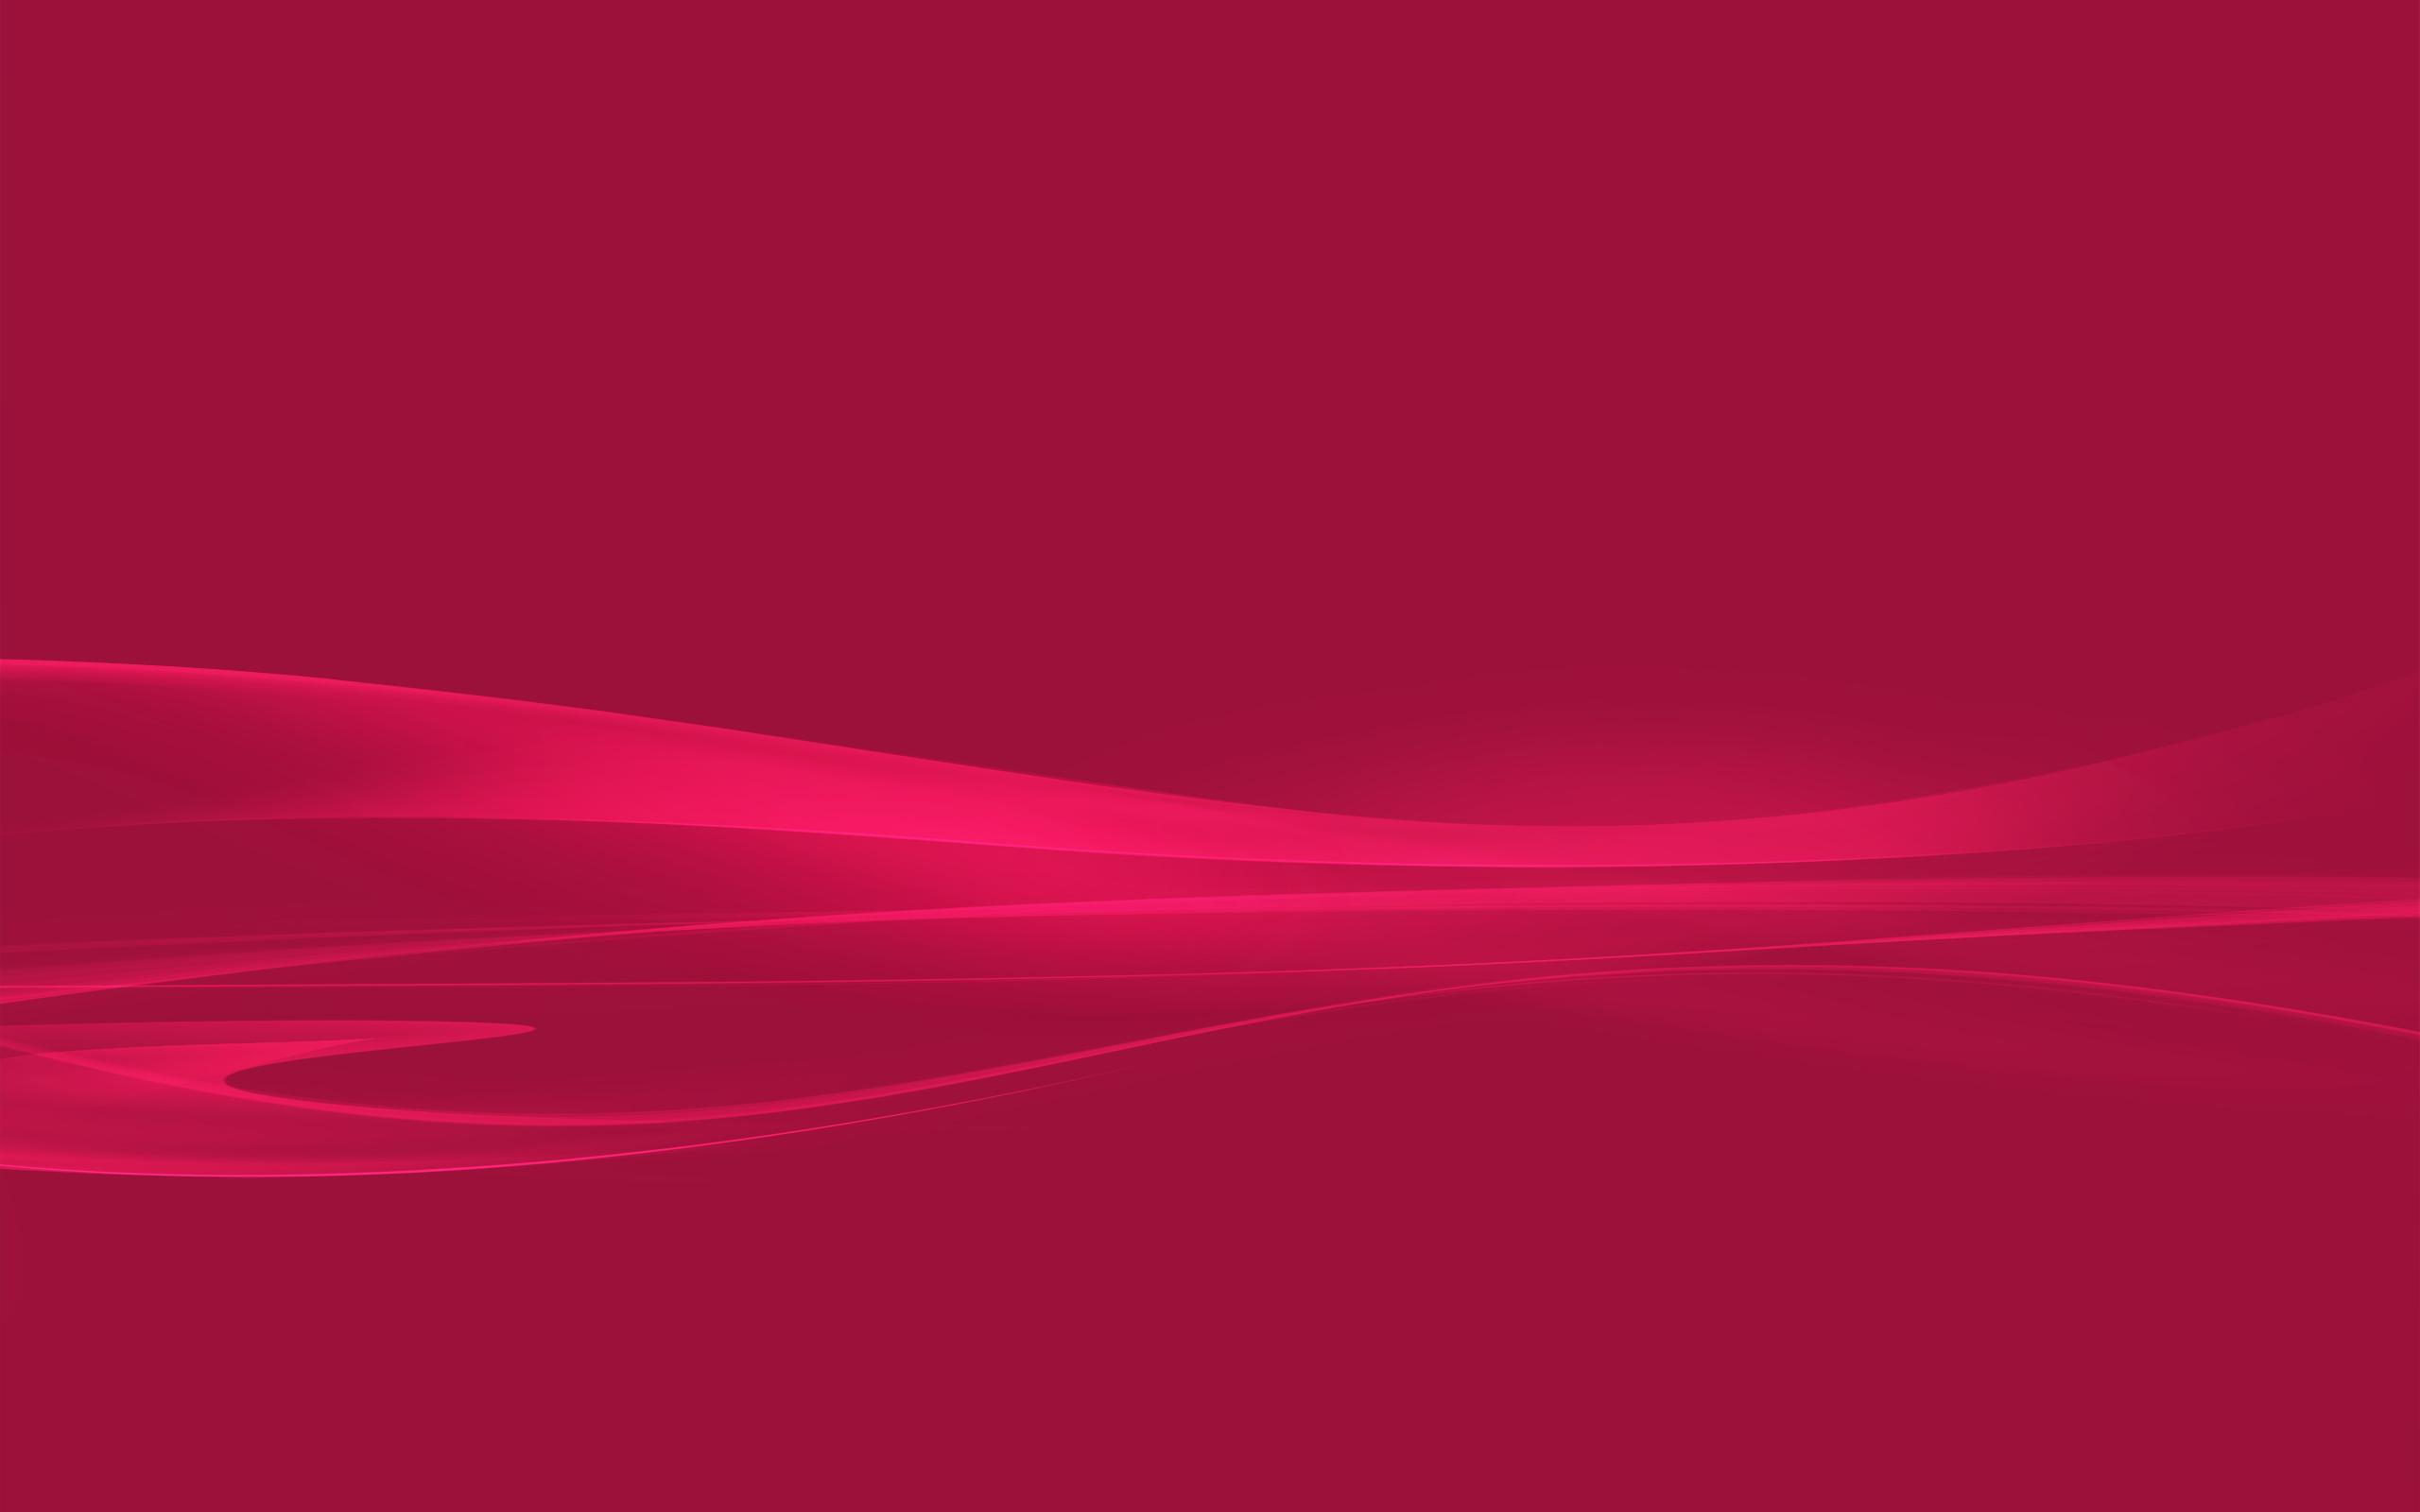 Plain Wallpapers HD A39   HD Desktop Wallpapers 4k HD 2560x1600